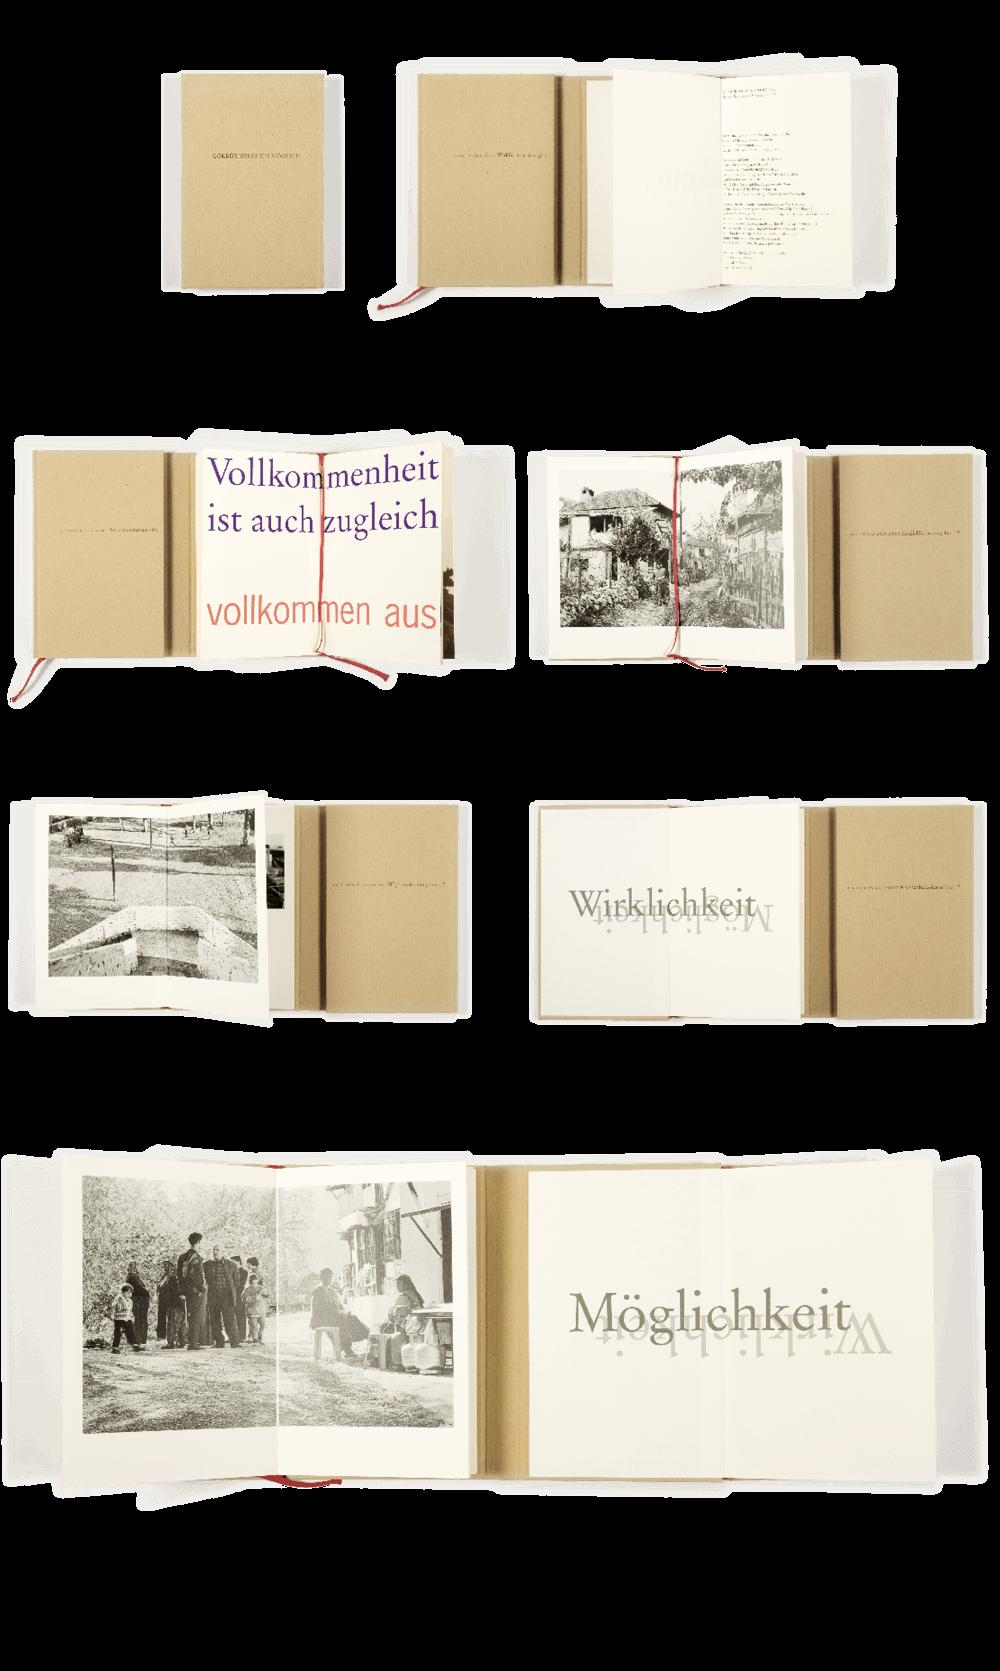 Gökbük - Wirklich Möglich Zweibuch erschienen im Prokon Verlag  Fotografie Harald Frey